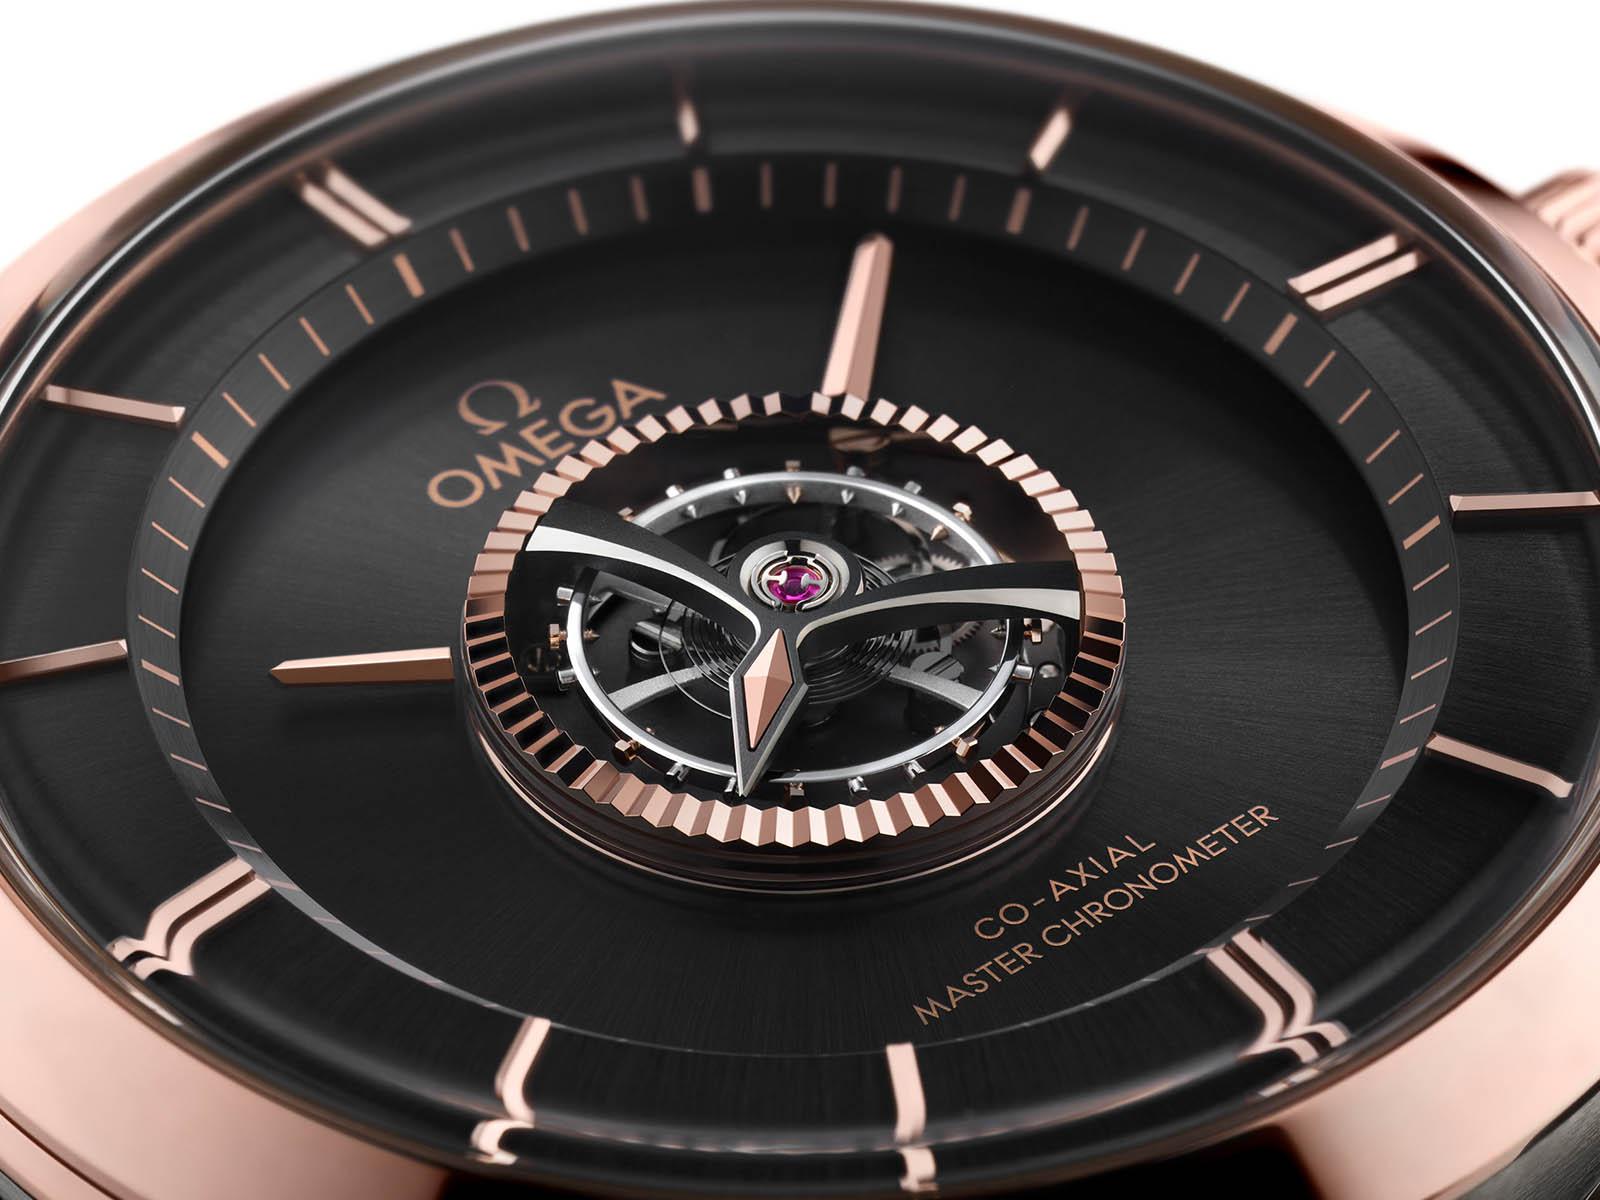 529-53-43-22-01-001-omega-de-ville-tourbillon-co-axial-master-chronometer-4.jpg